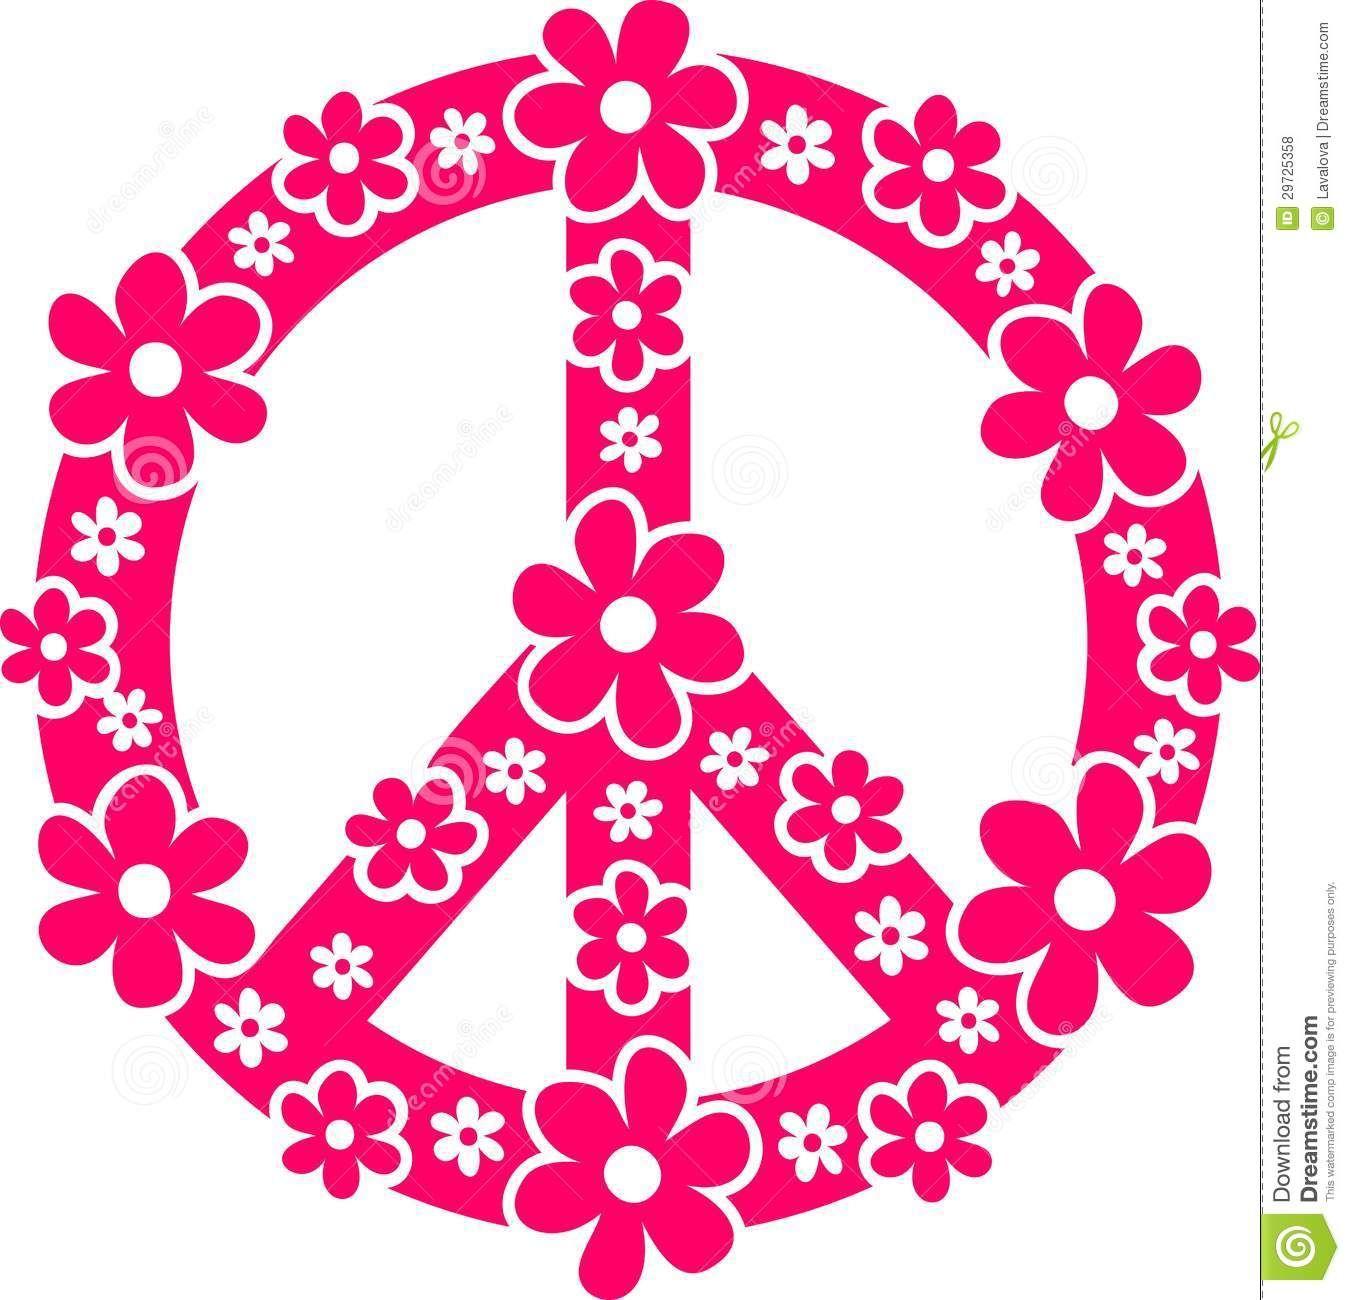 simbolo de la paz - Buscar con Google | pintar en tela | Pinterest ...